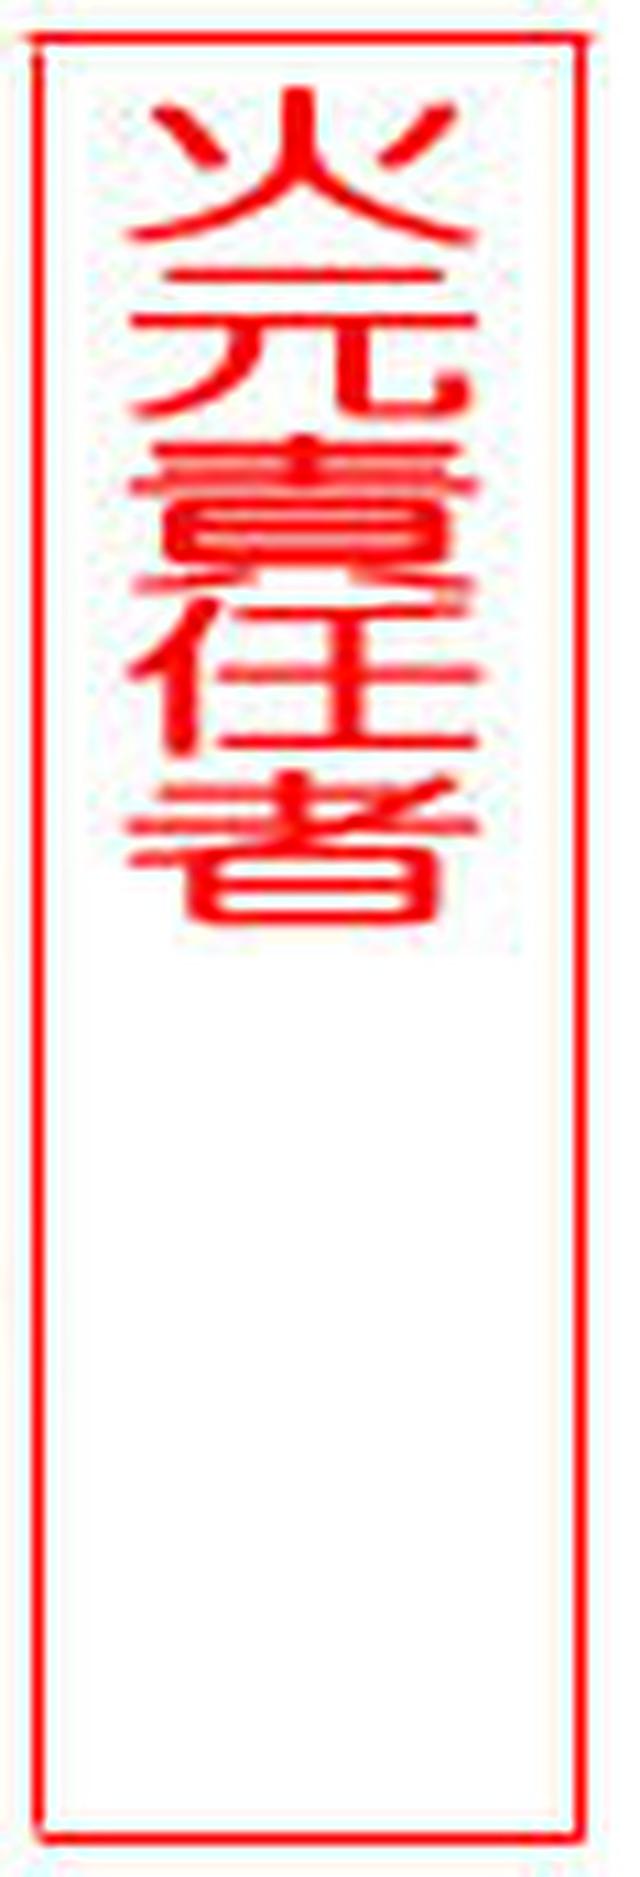 差込式指名標識 火元責任者(正副) NA-301